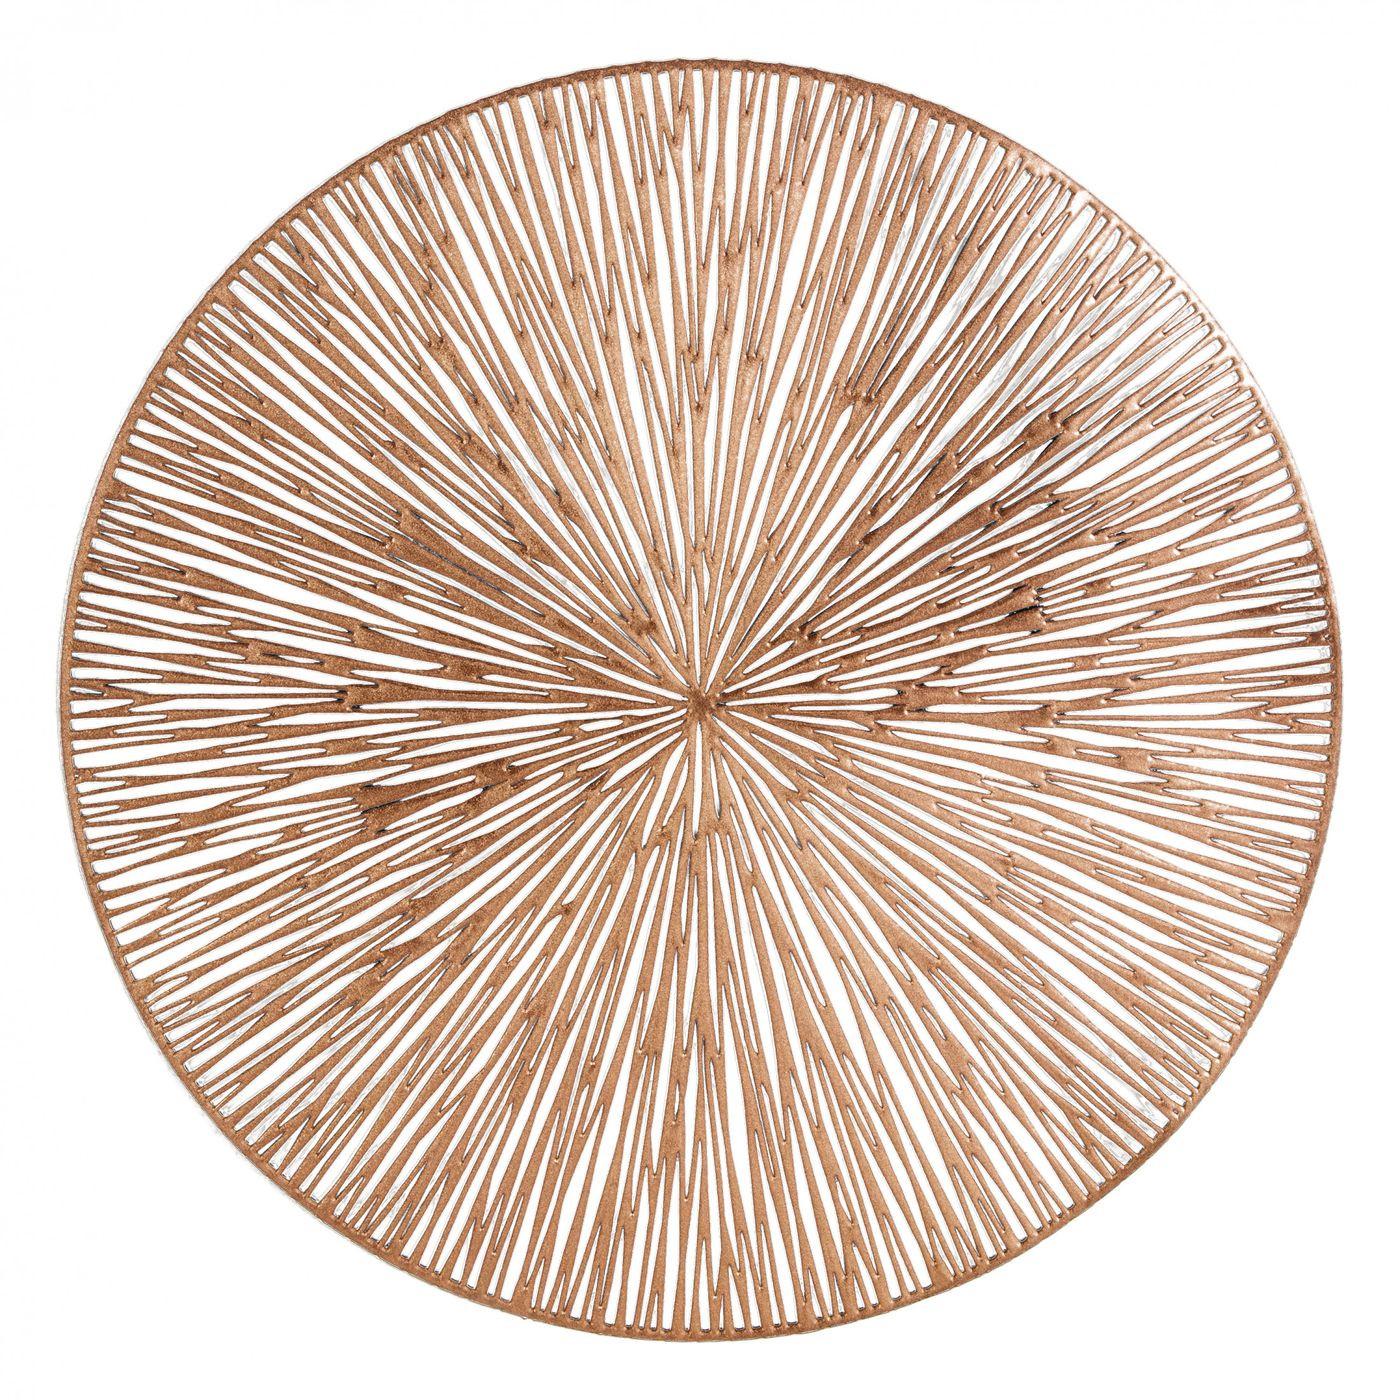 Okrągła podkładka stołowa ażurowa miedziana średnica 38 cm